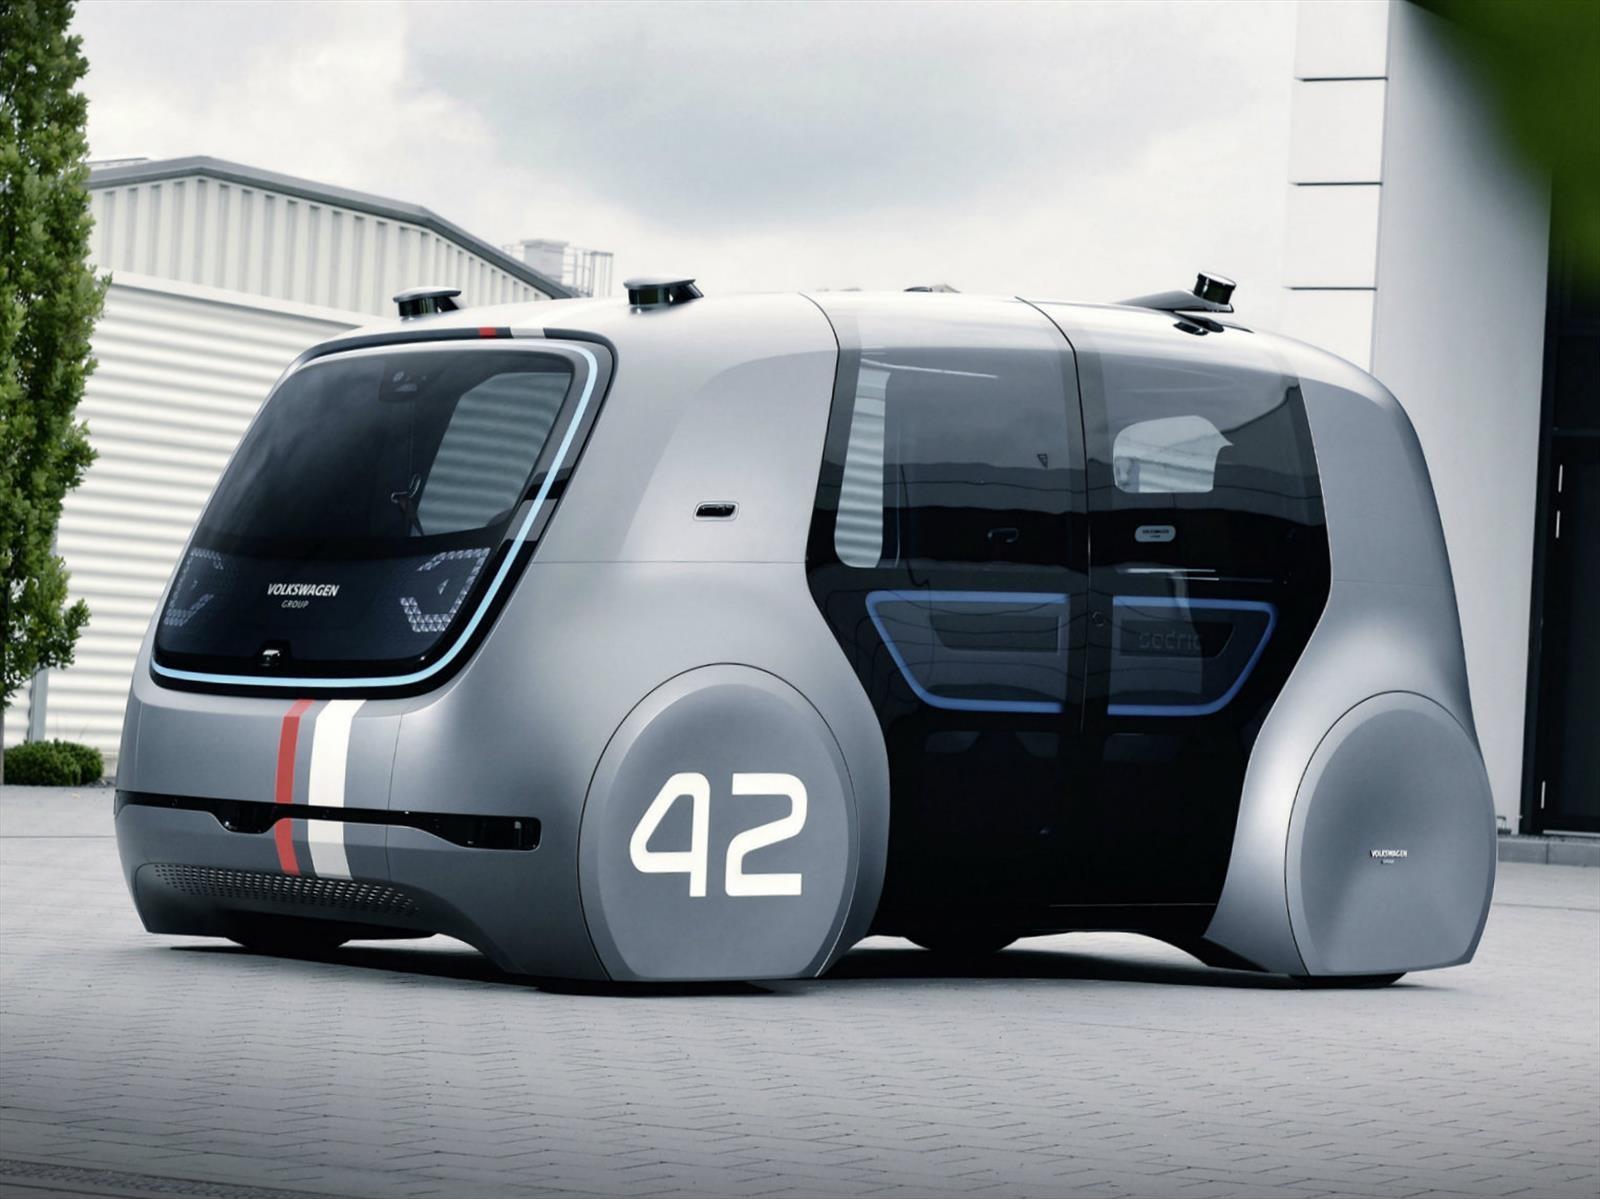 Volkswagen SEDRIC, un concepto perfeccionado